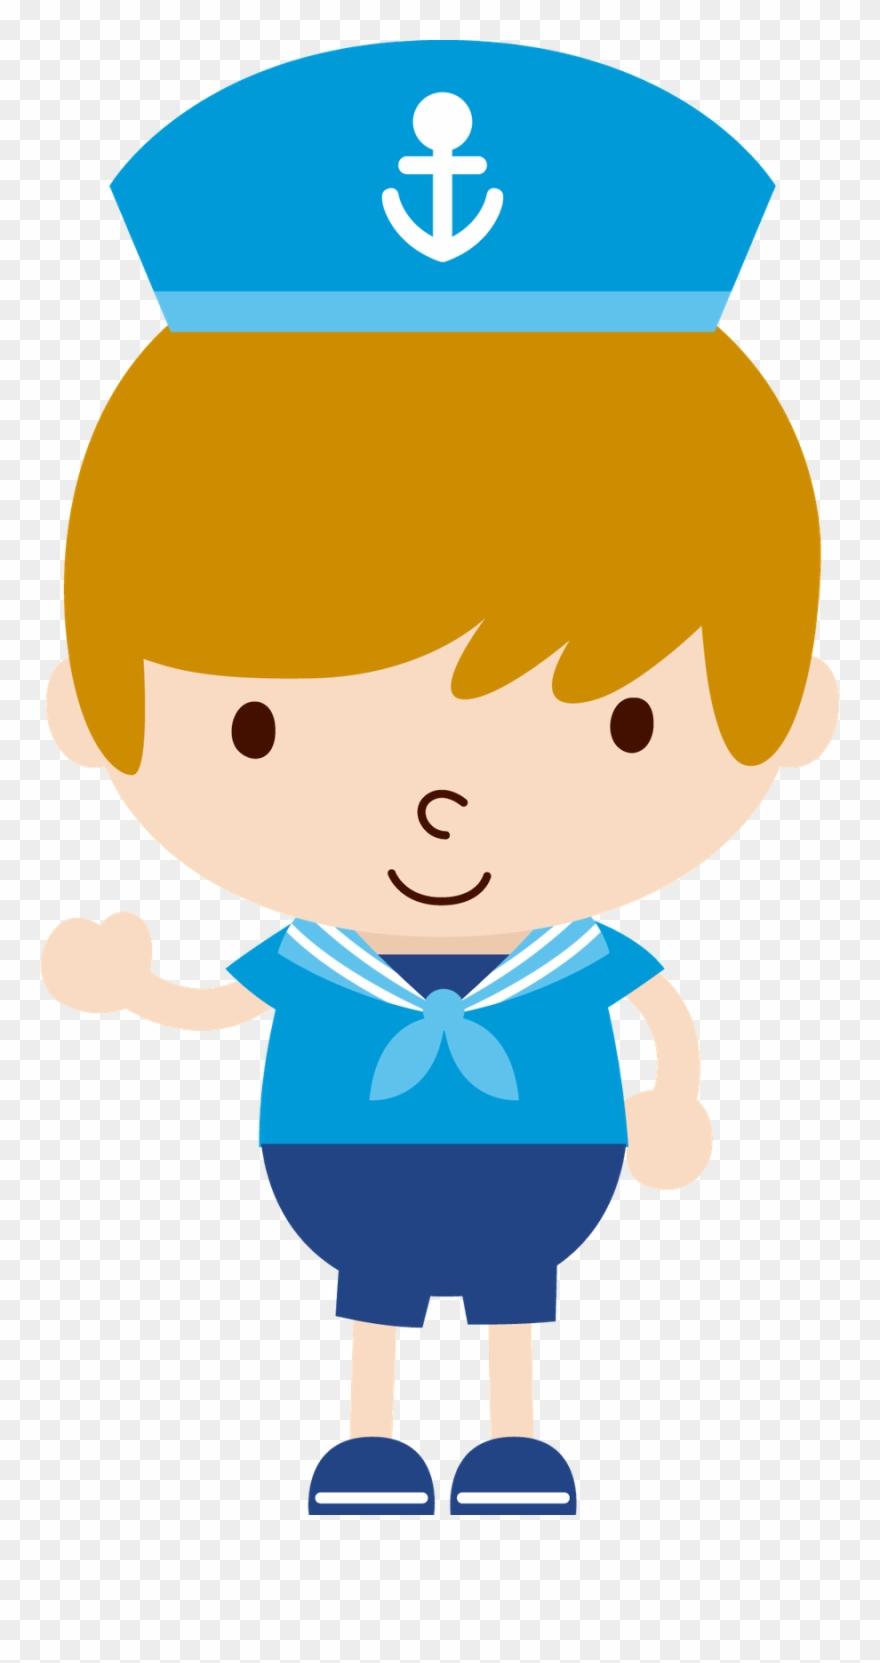 Sailor clipart transparent download Sailor Boy Clip Art - Sailor Boy Clipart Png Transparent Png ... transparent download